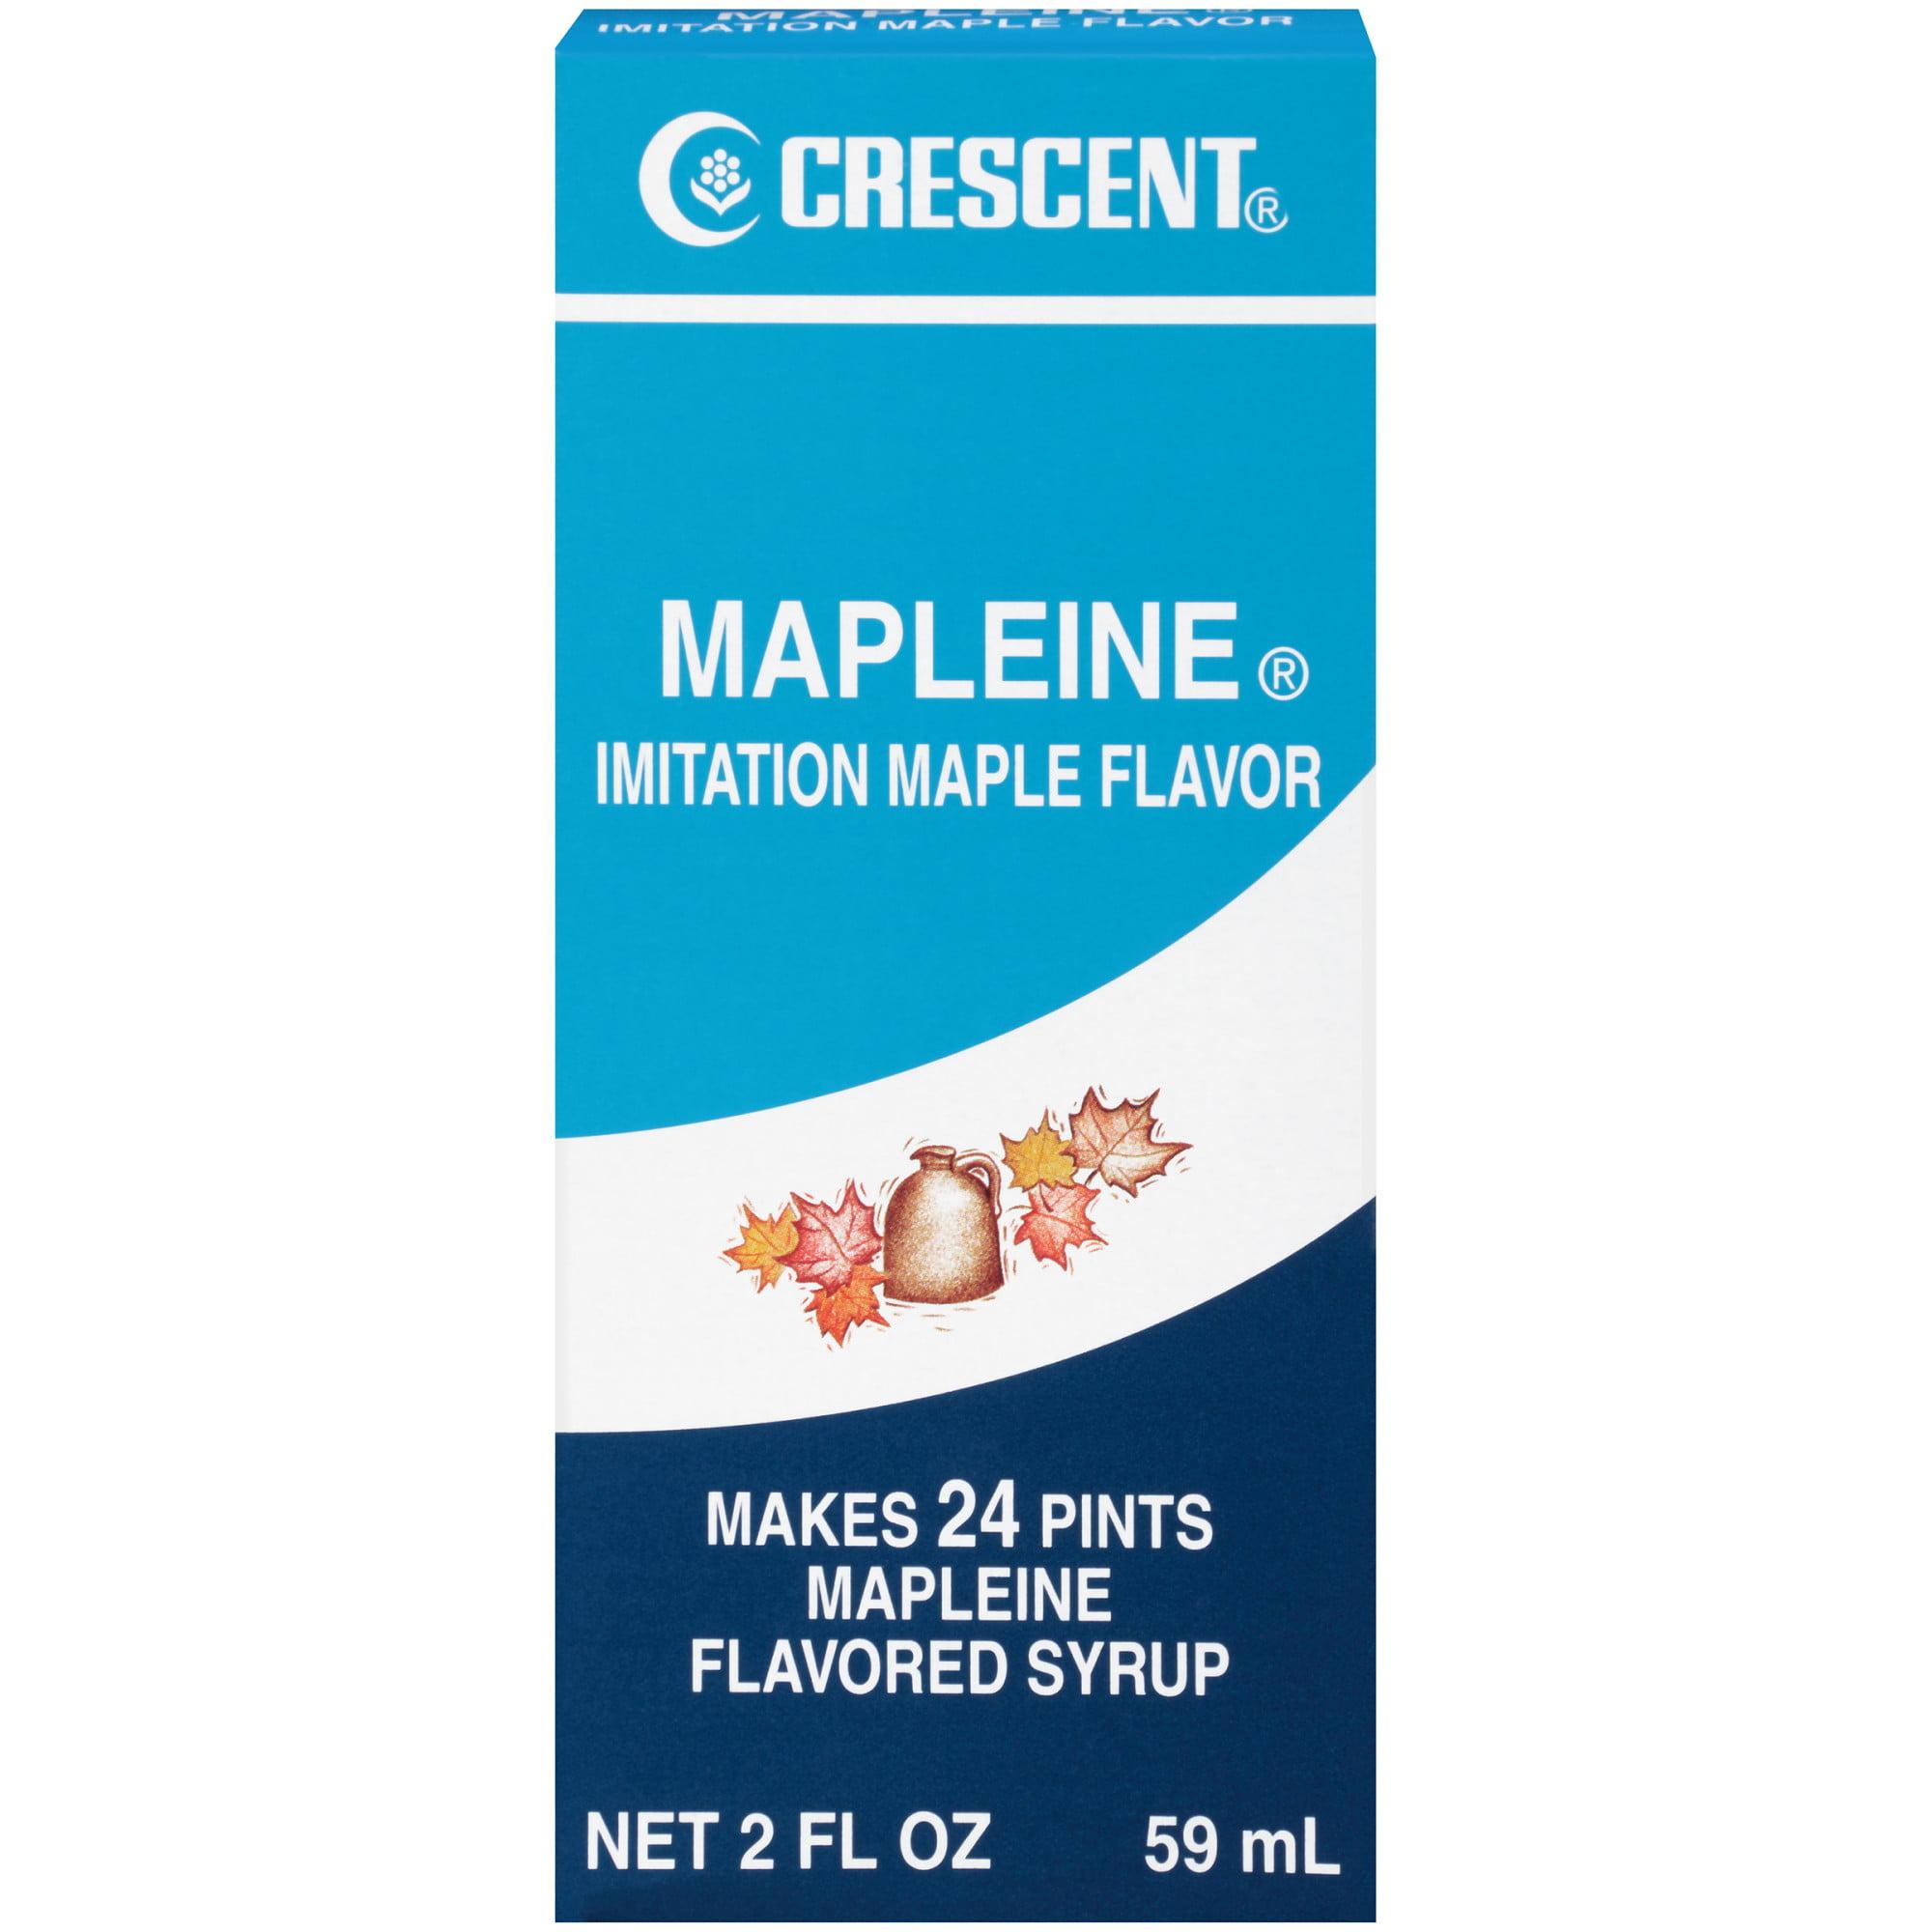 (2 Pack) Crescent Mapleine Imitation Maple Flavor, 2 fl oz